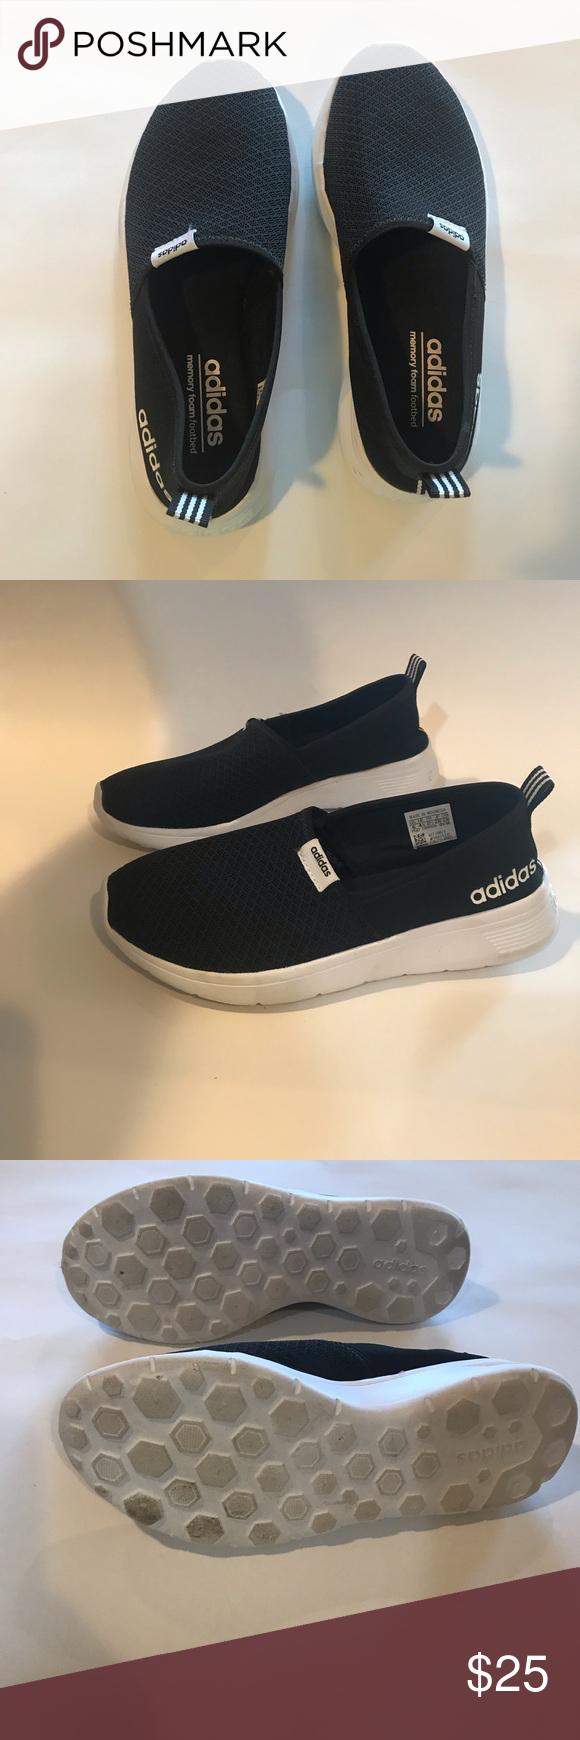 Girls' Adidas memory foam shoes